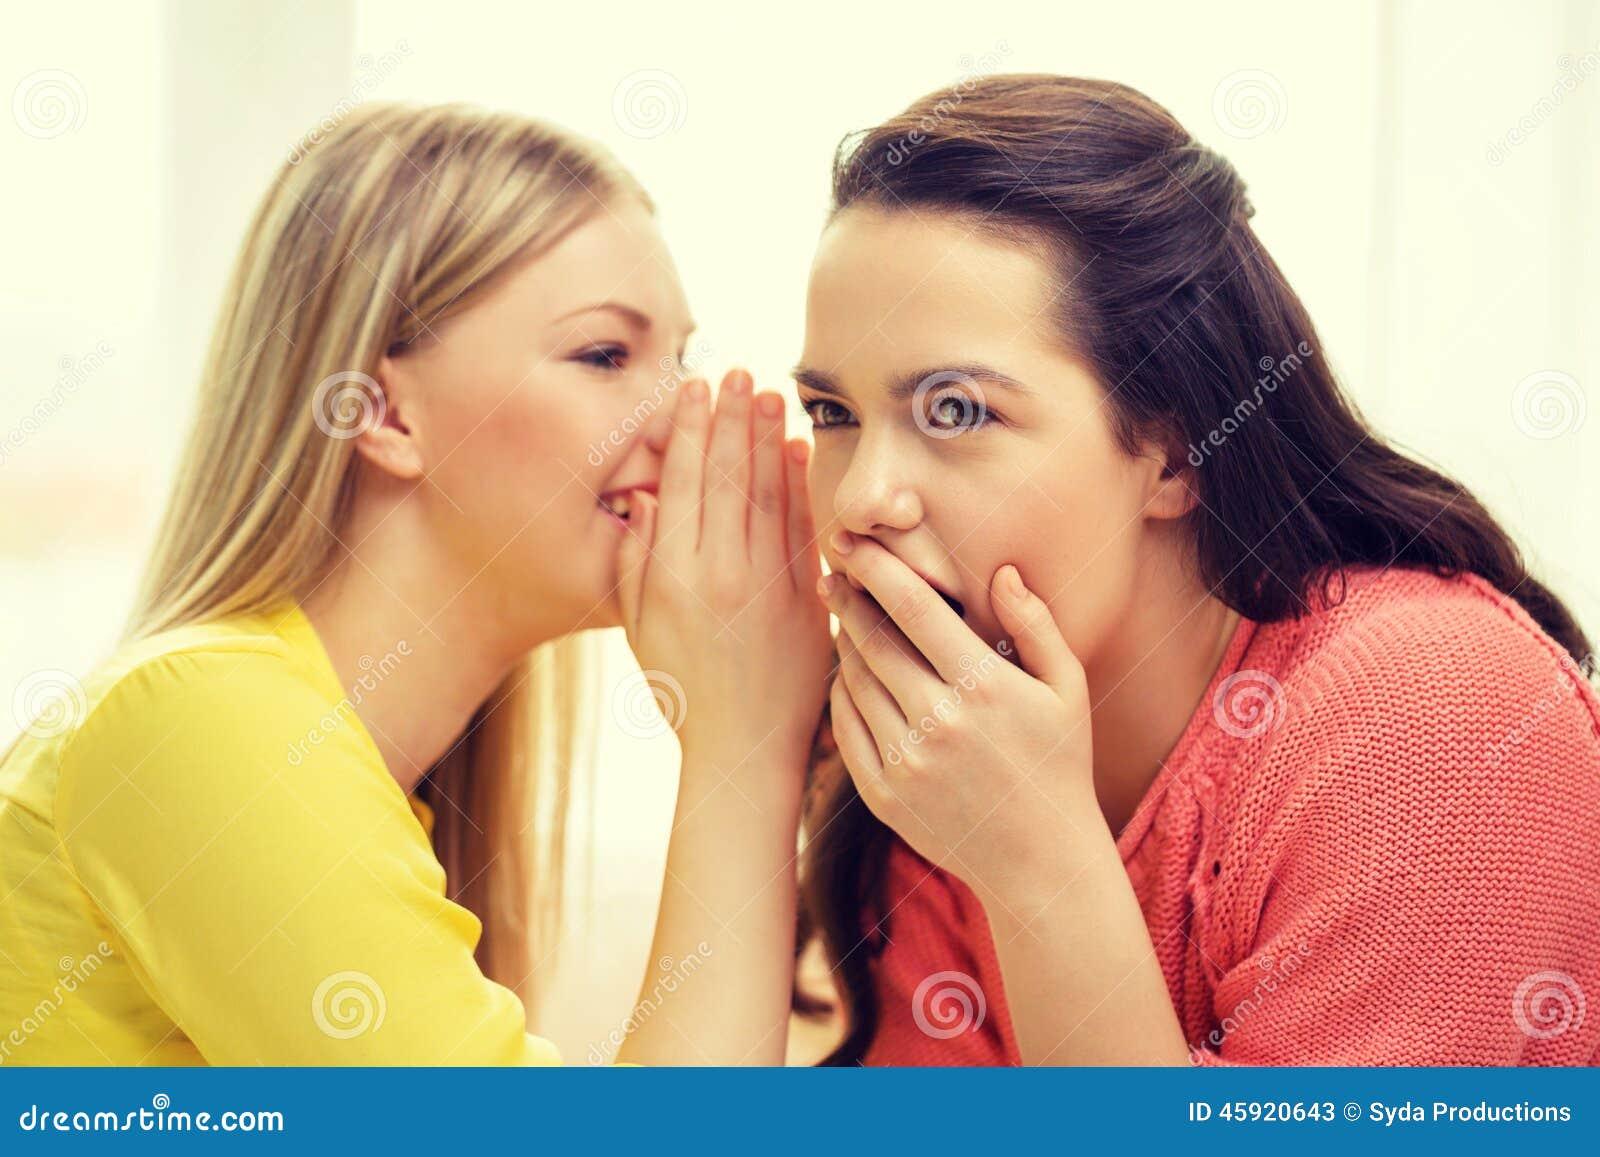 Één meisje die een ander geheim vertellen